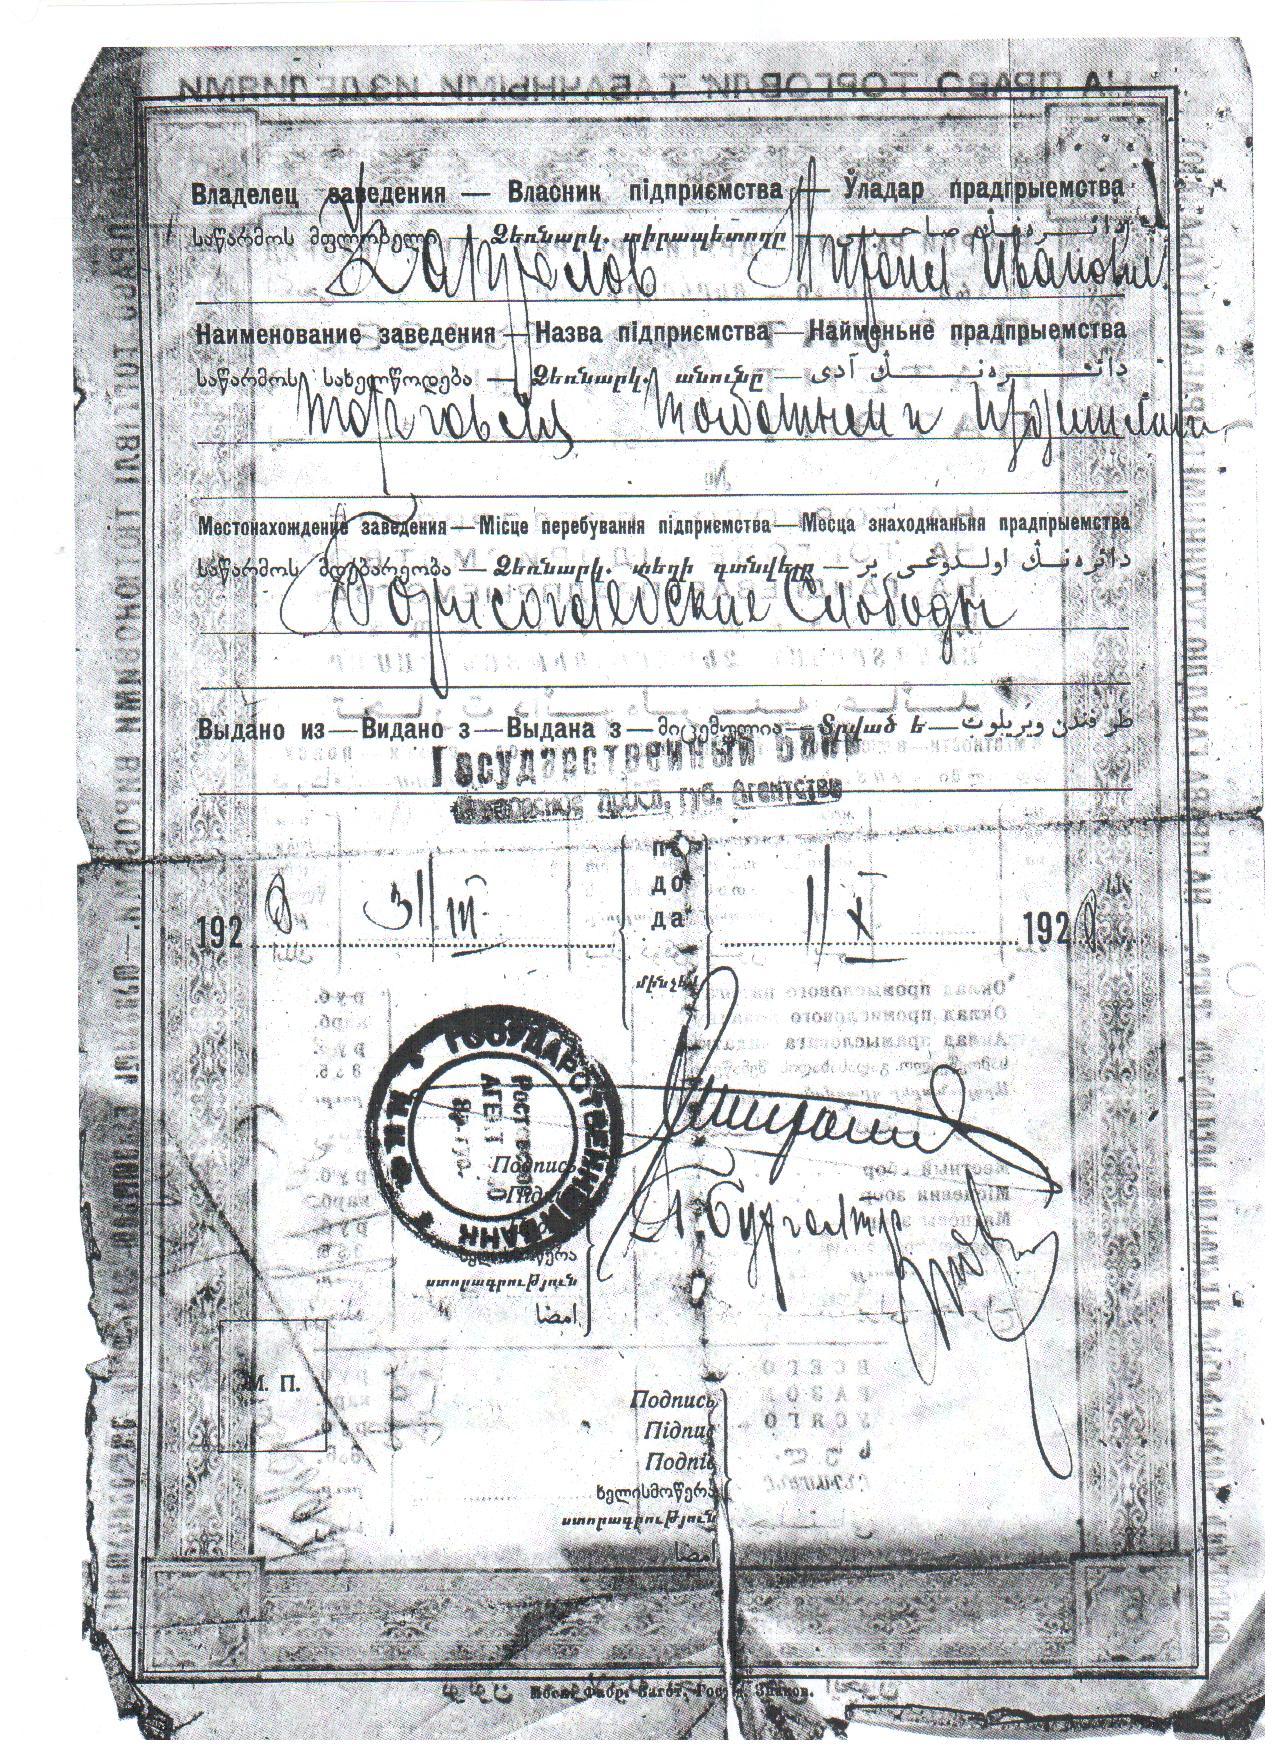 Торговый патент на табак оборот